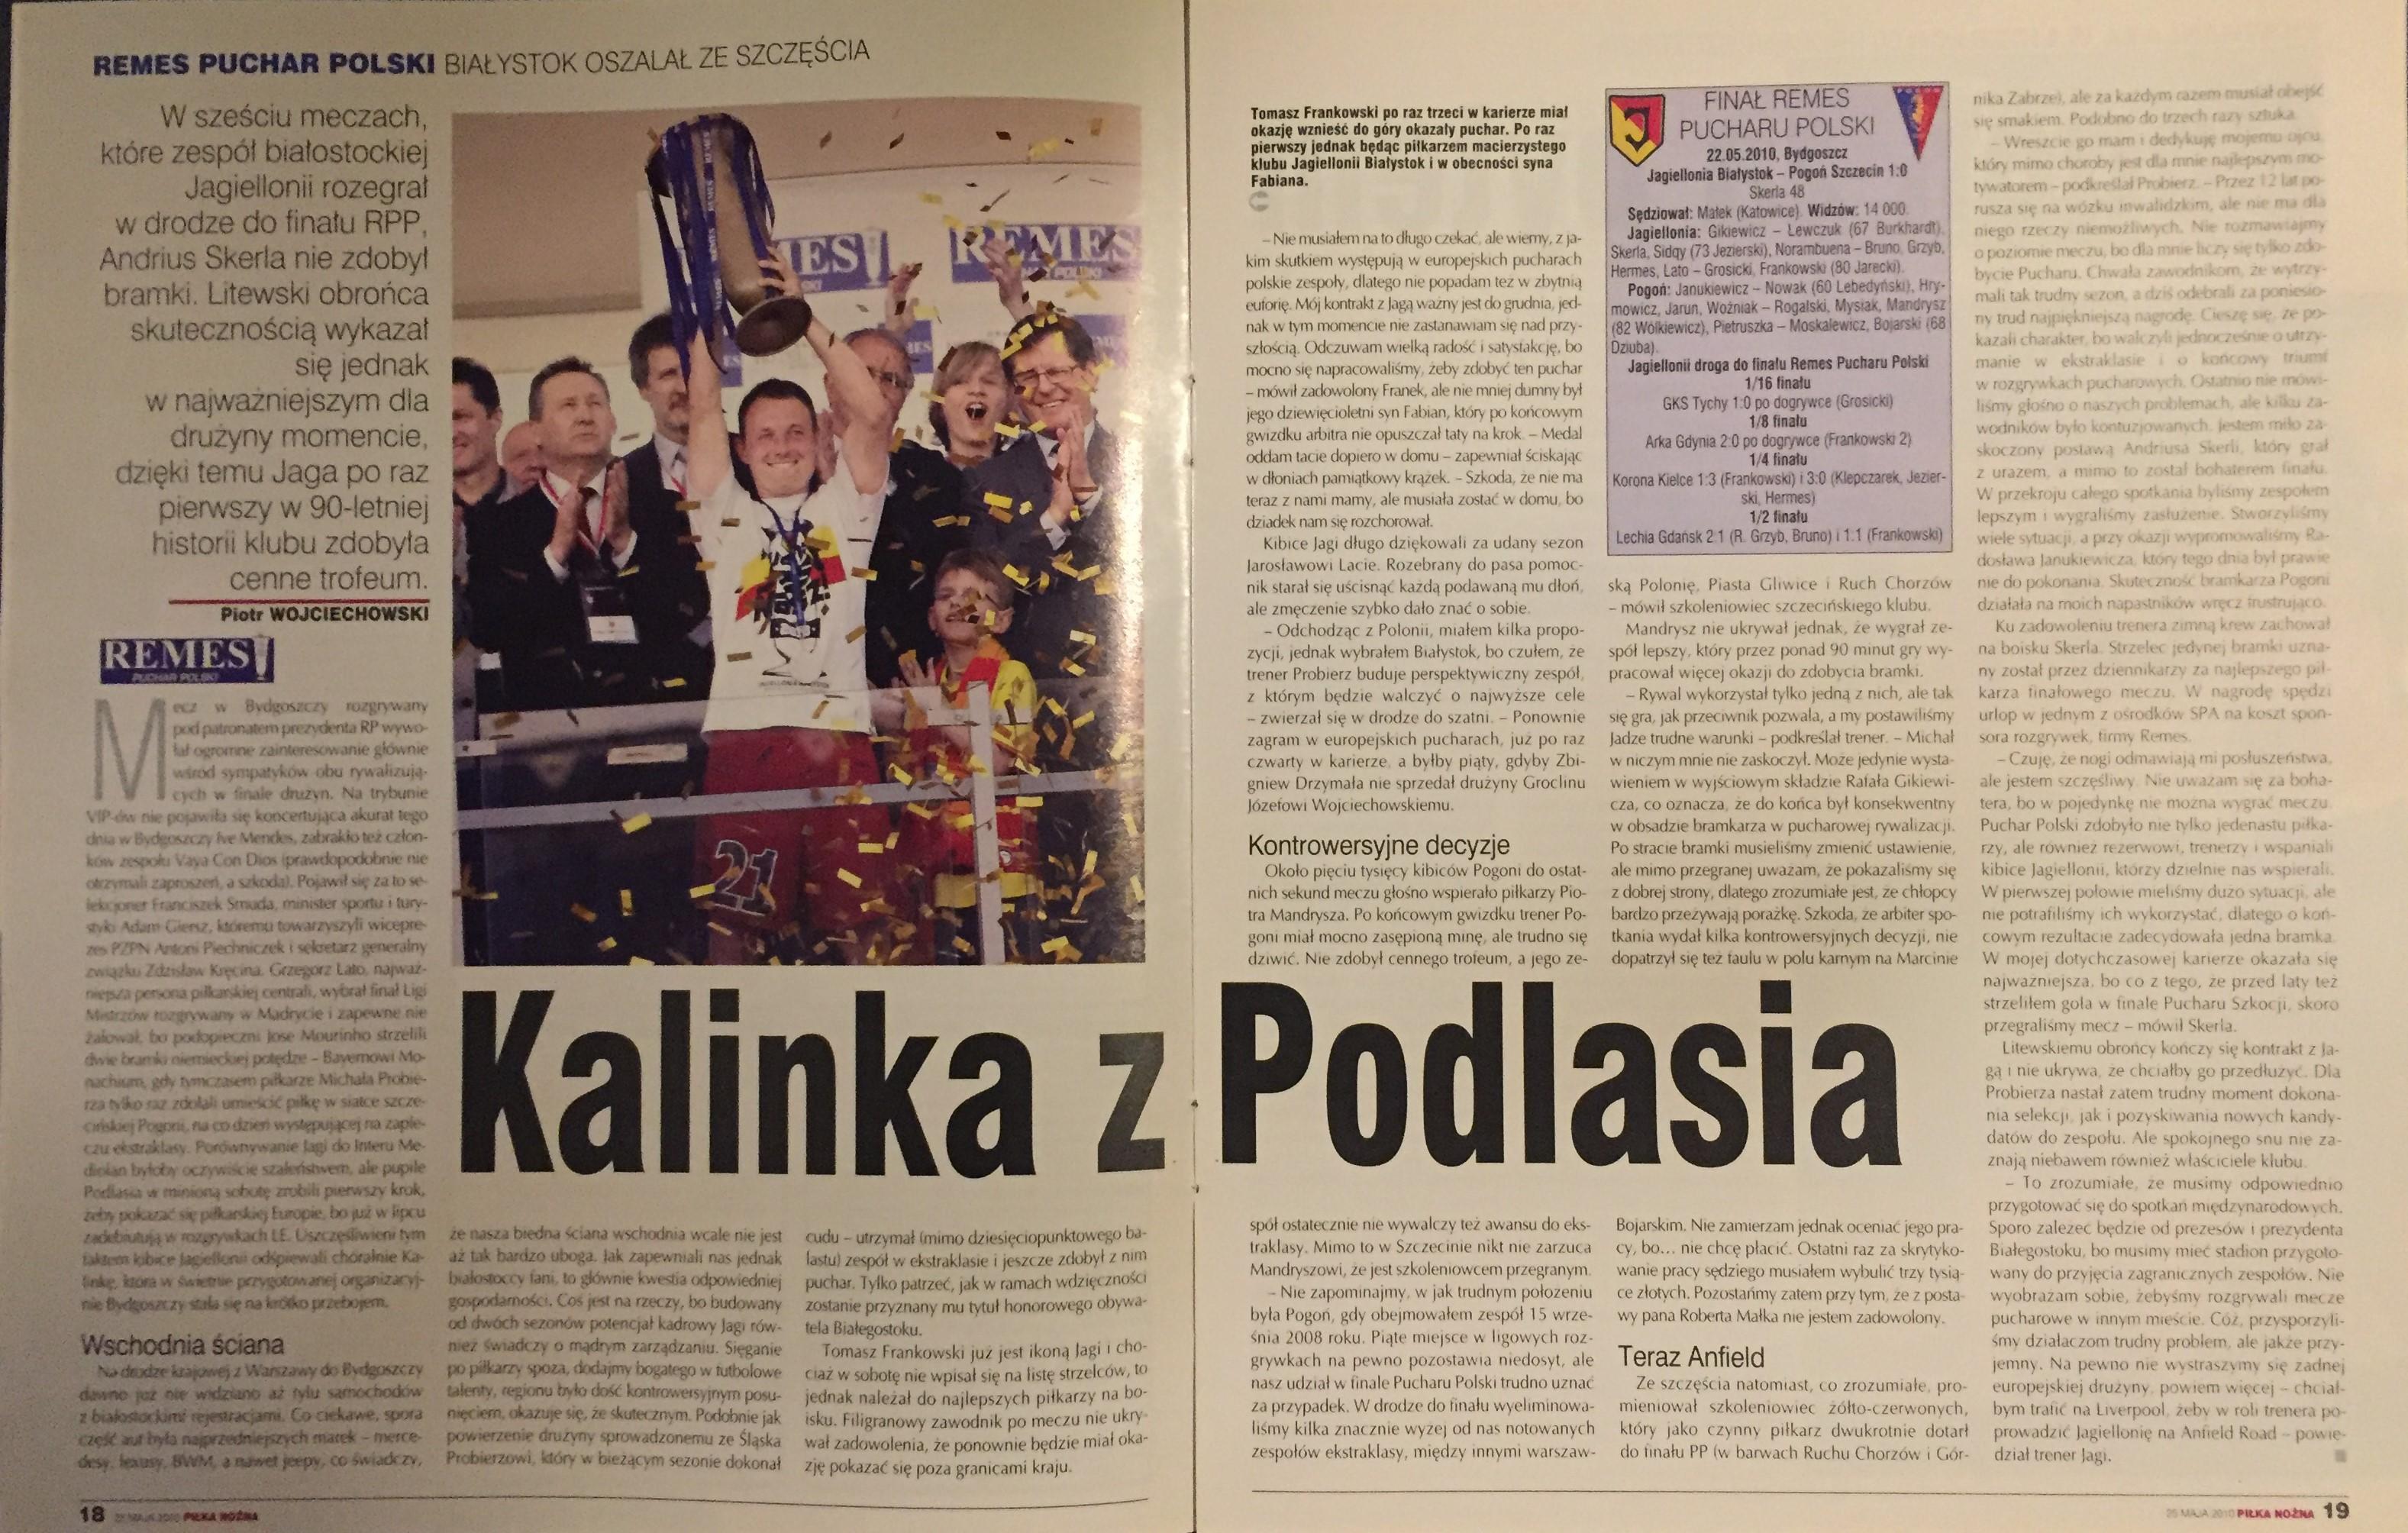 Piłka Nożna po meczu Pogoń Szczecin - Jagiellonia Białystok 0-1 (22.05.2010)